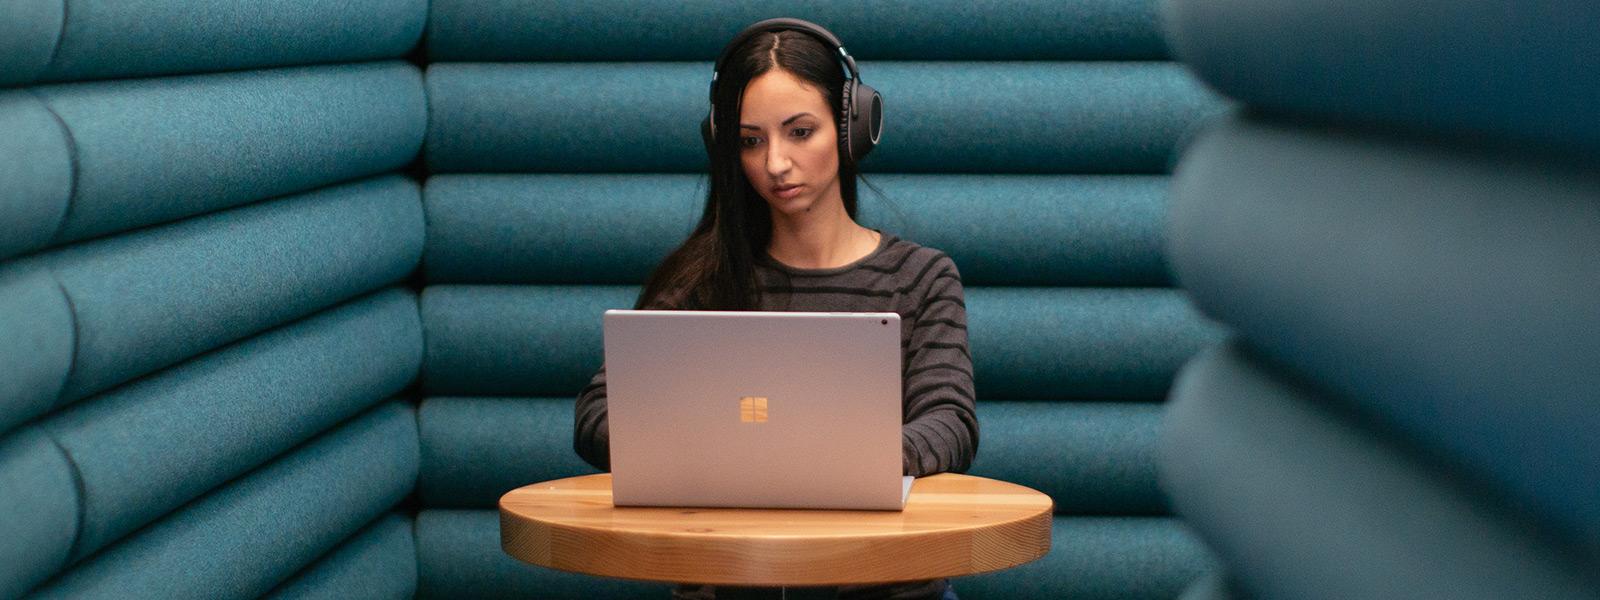 Naine istub vaikselt üksi, kõrvaklapid peas, ning töötab oma Windows 10 arvutis